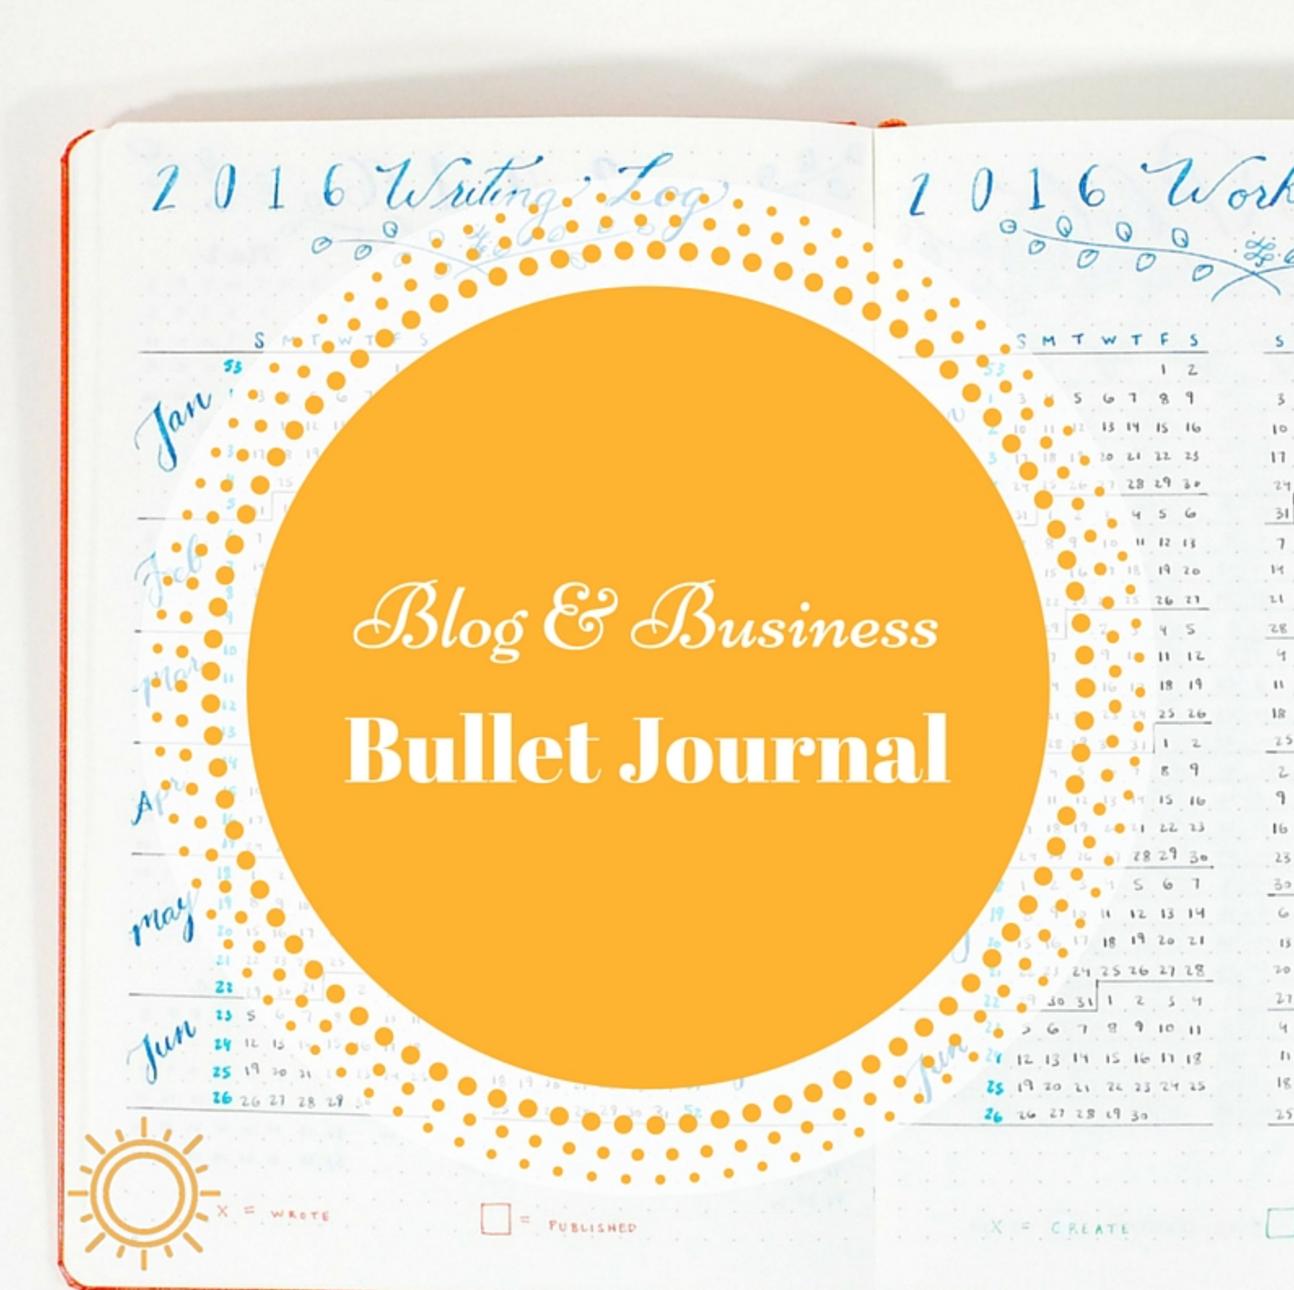 B log & Business bullet Journal